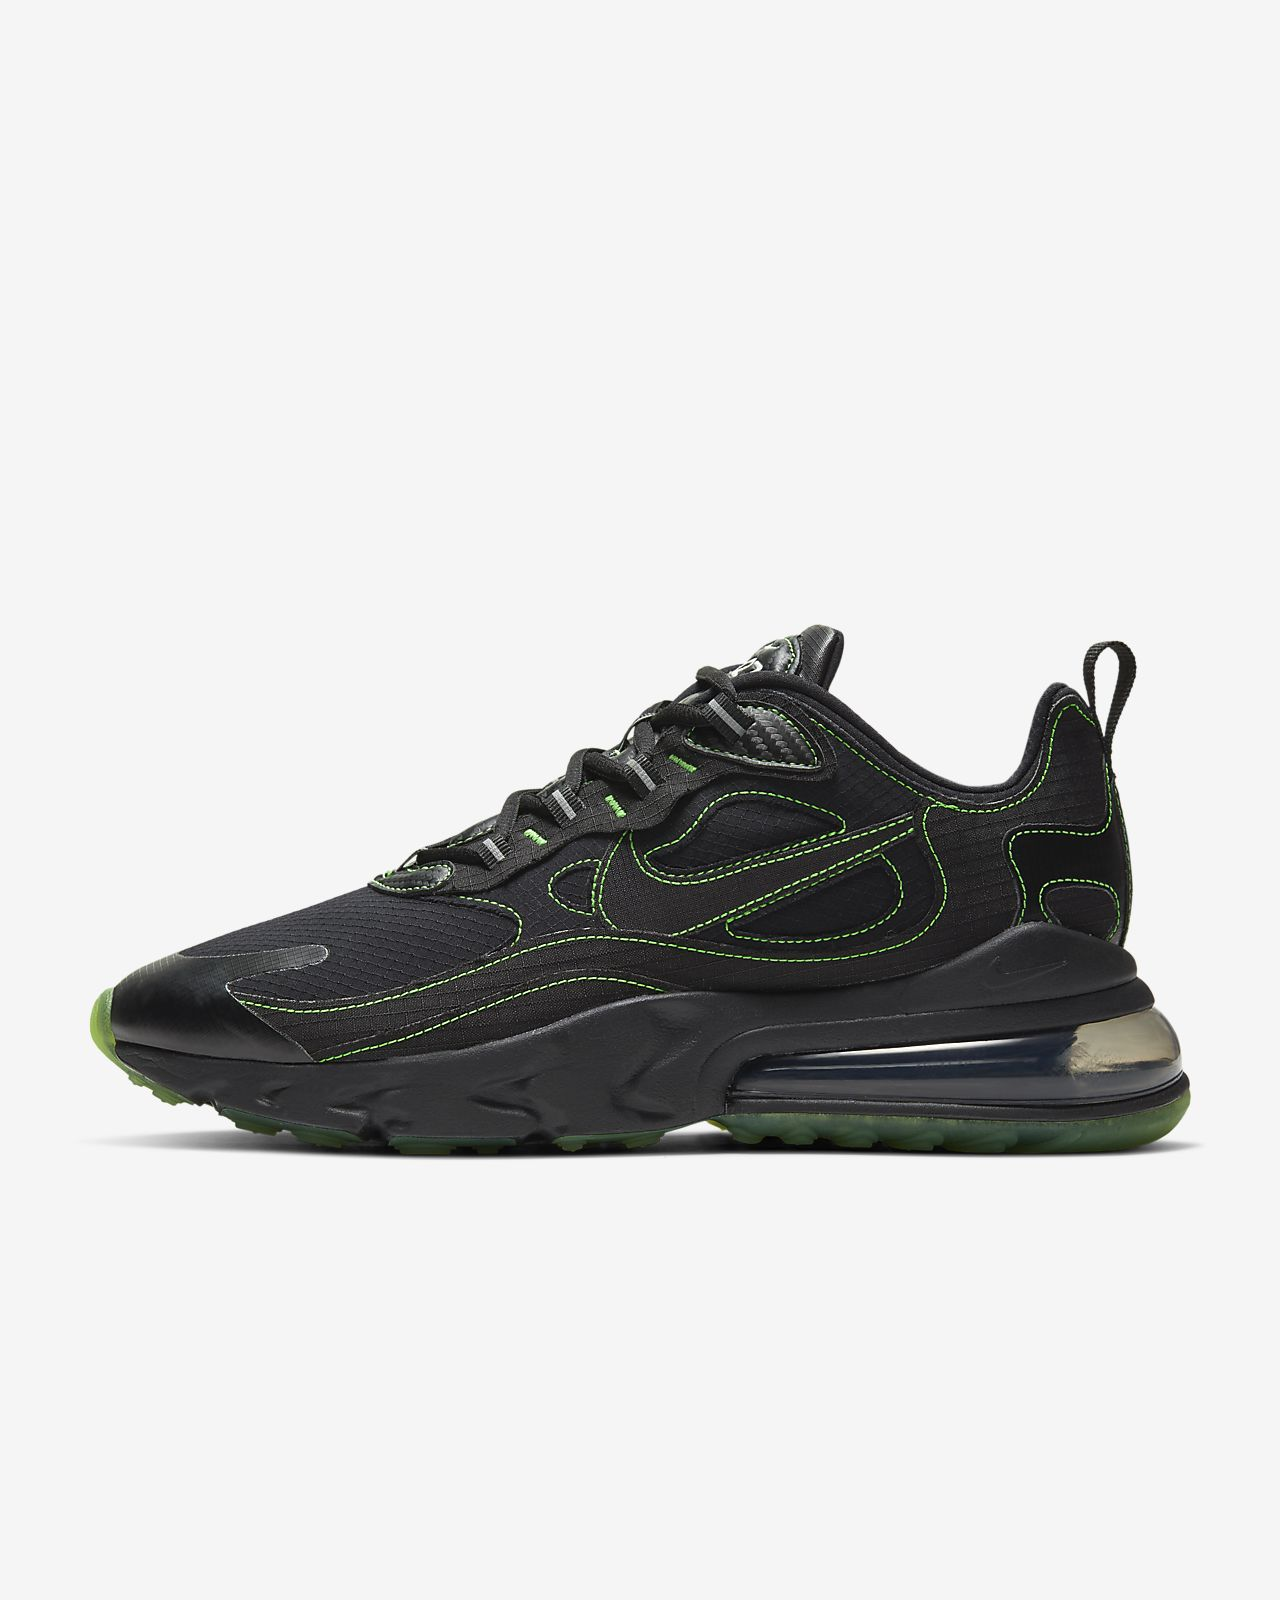 Nike Air Max 270 ReactV Black Green CQ6549 001 |